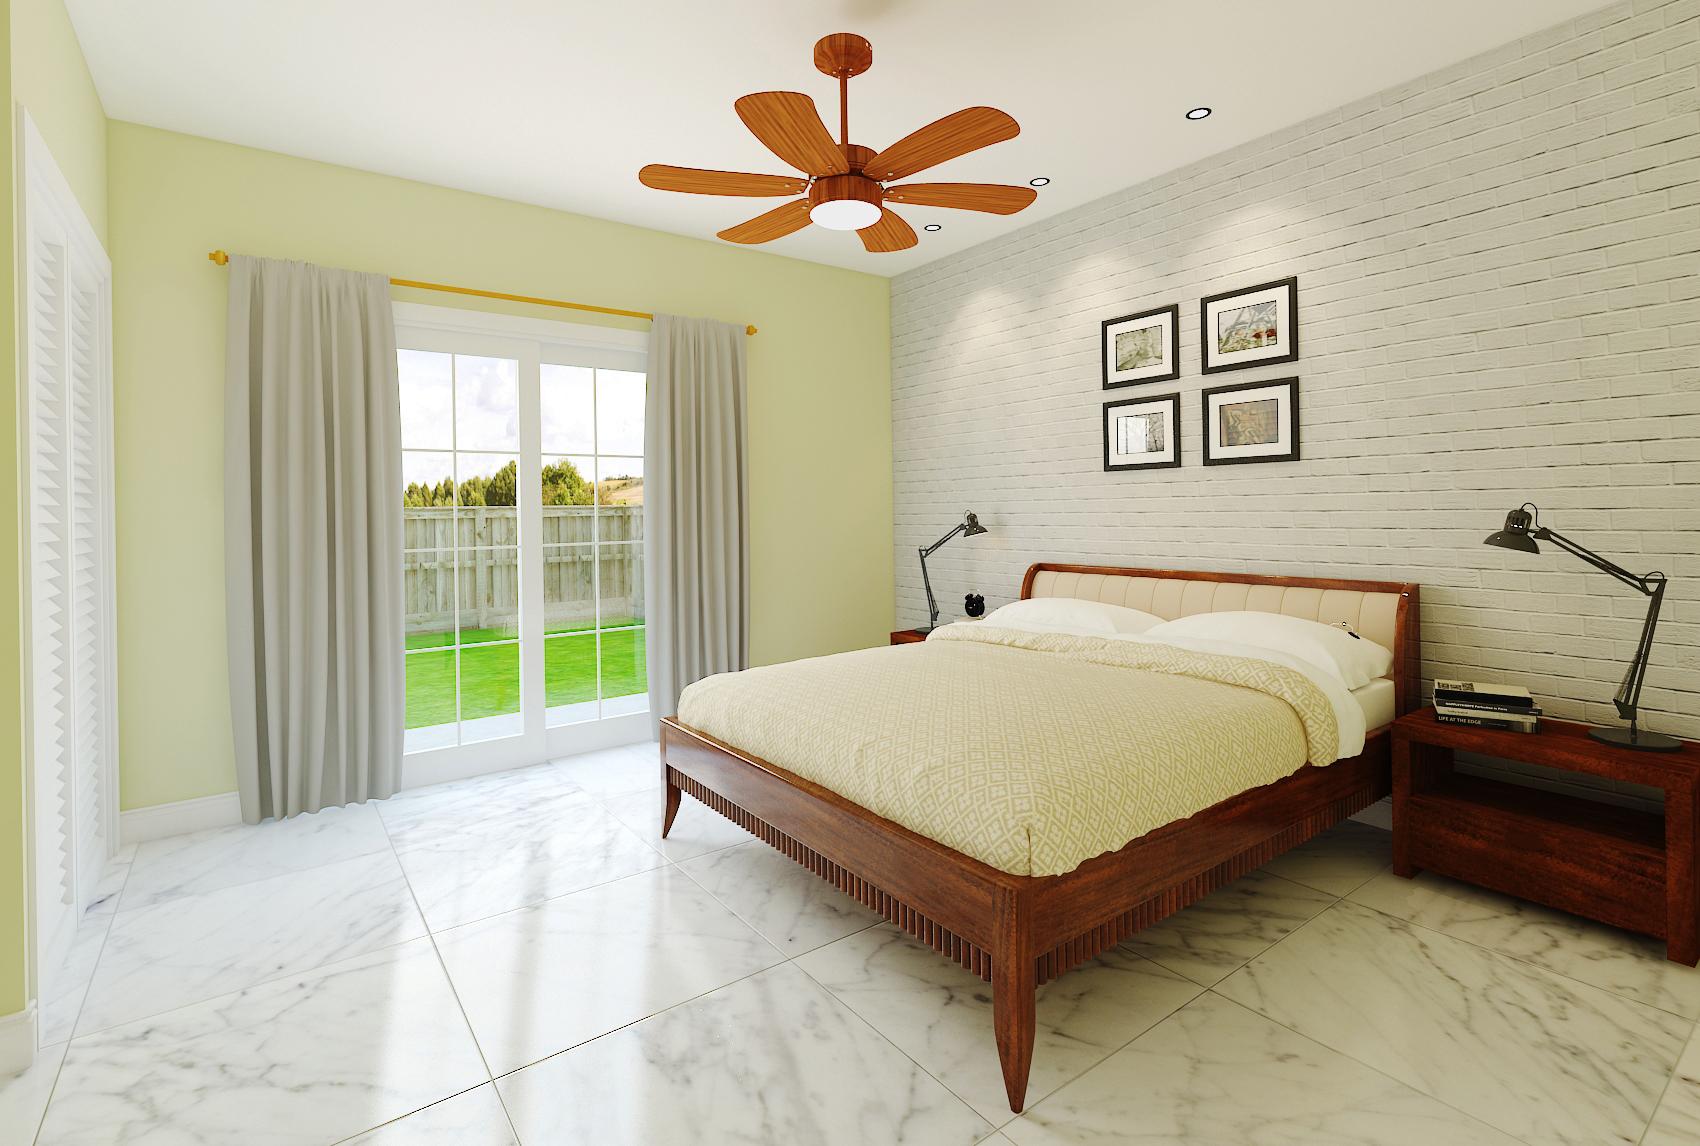 14-Bedroom v1